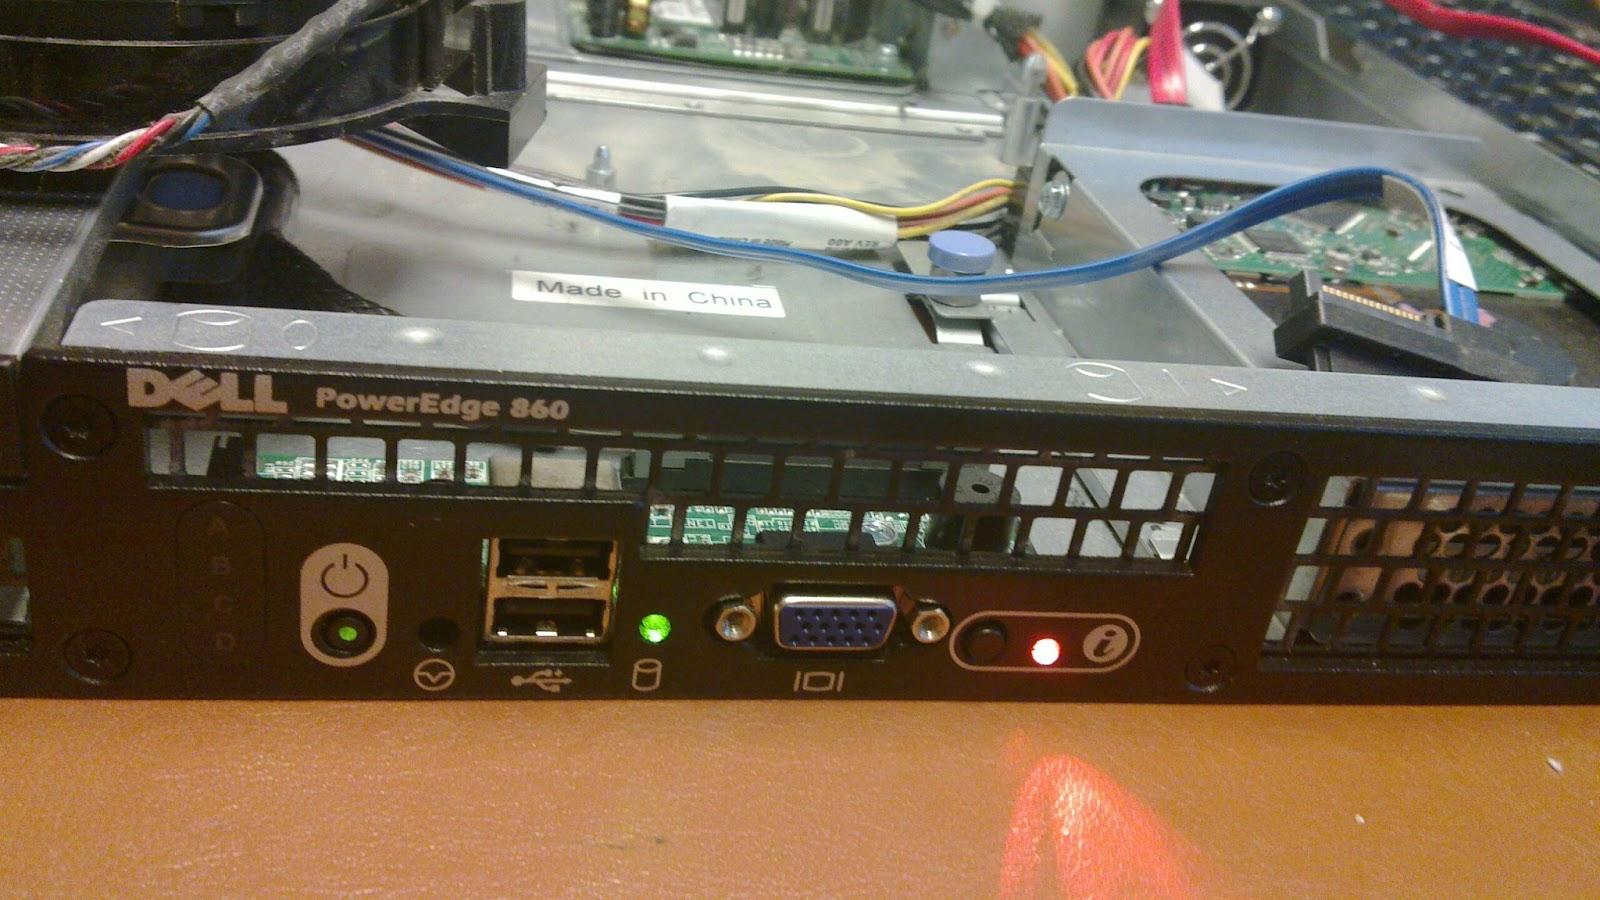 Dell Poweredge Diagnostics